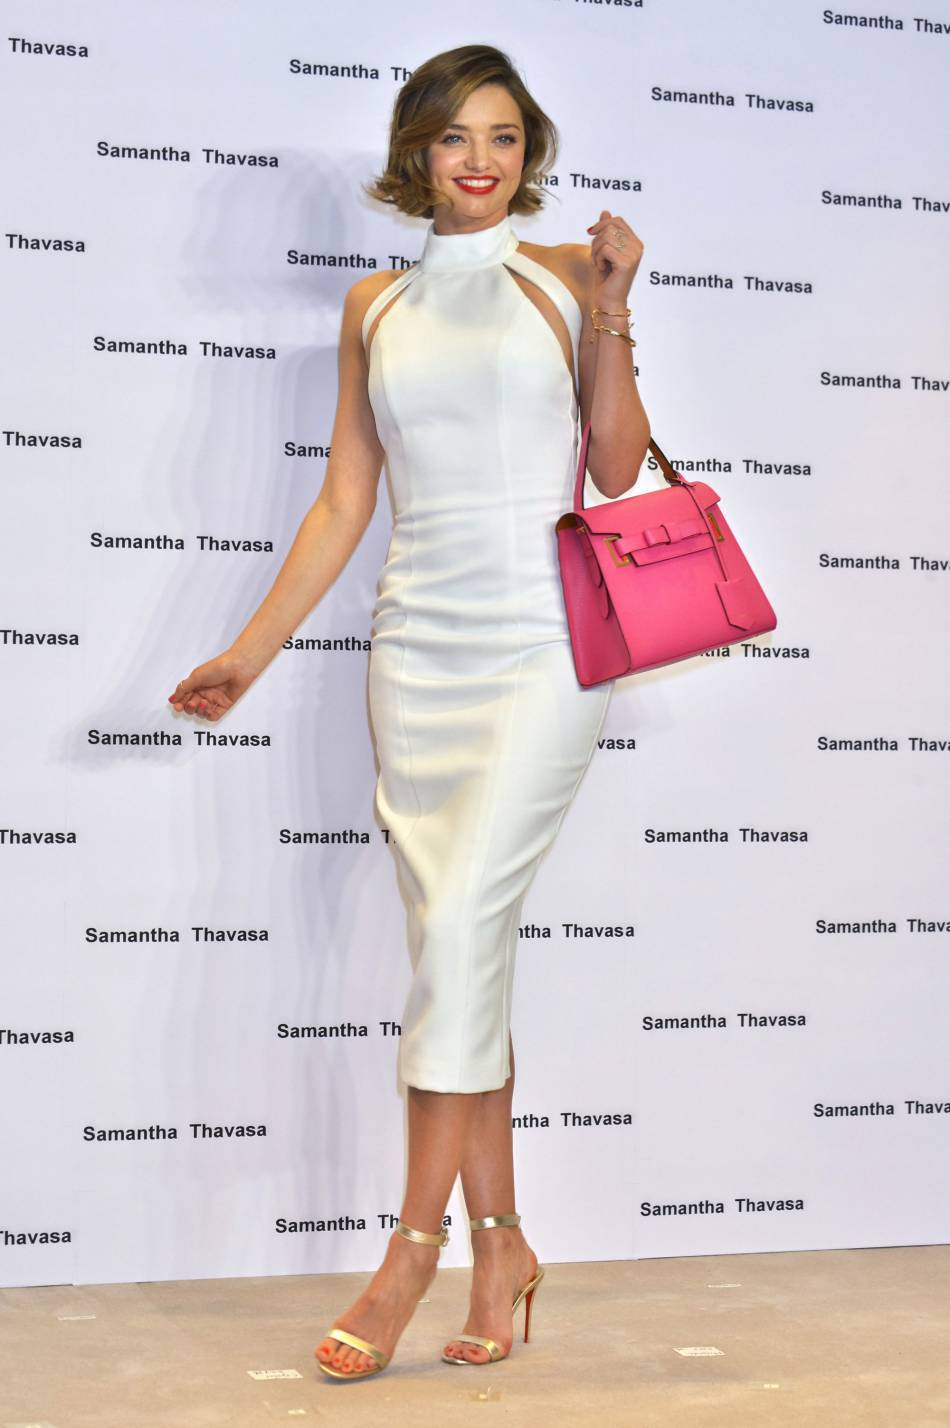 Maman healthy, Miranda Kerr a la ligne et dévoile sans cesse sa silhouette sur Instagram.